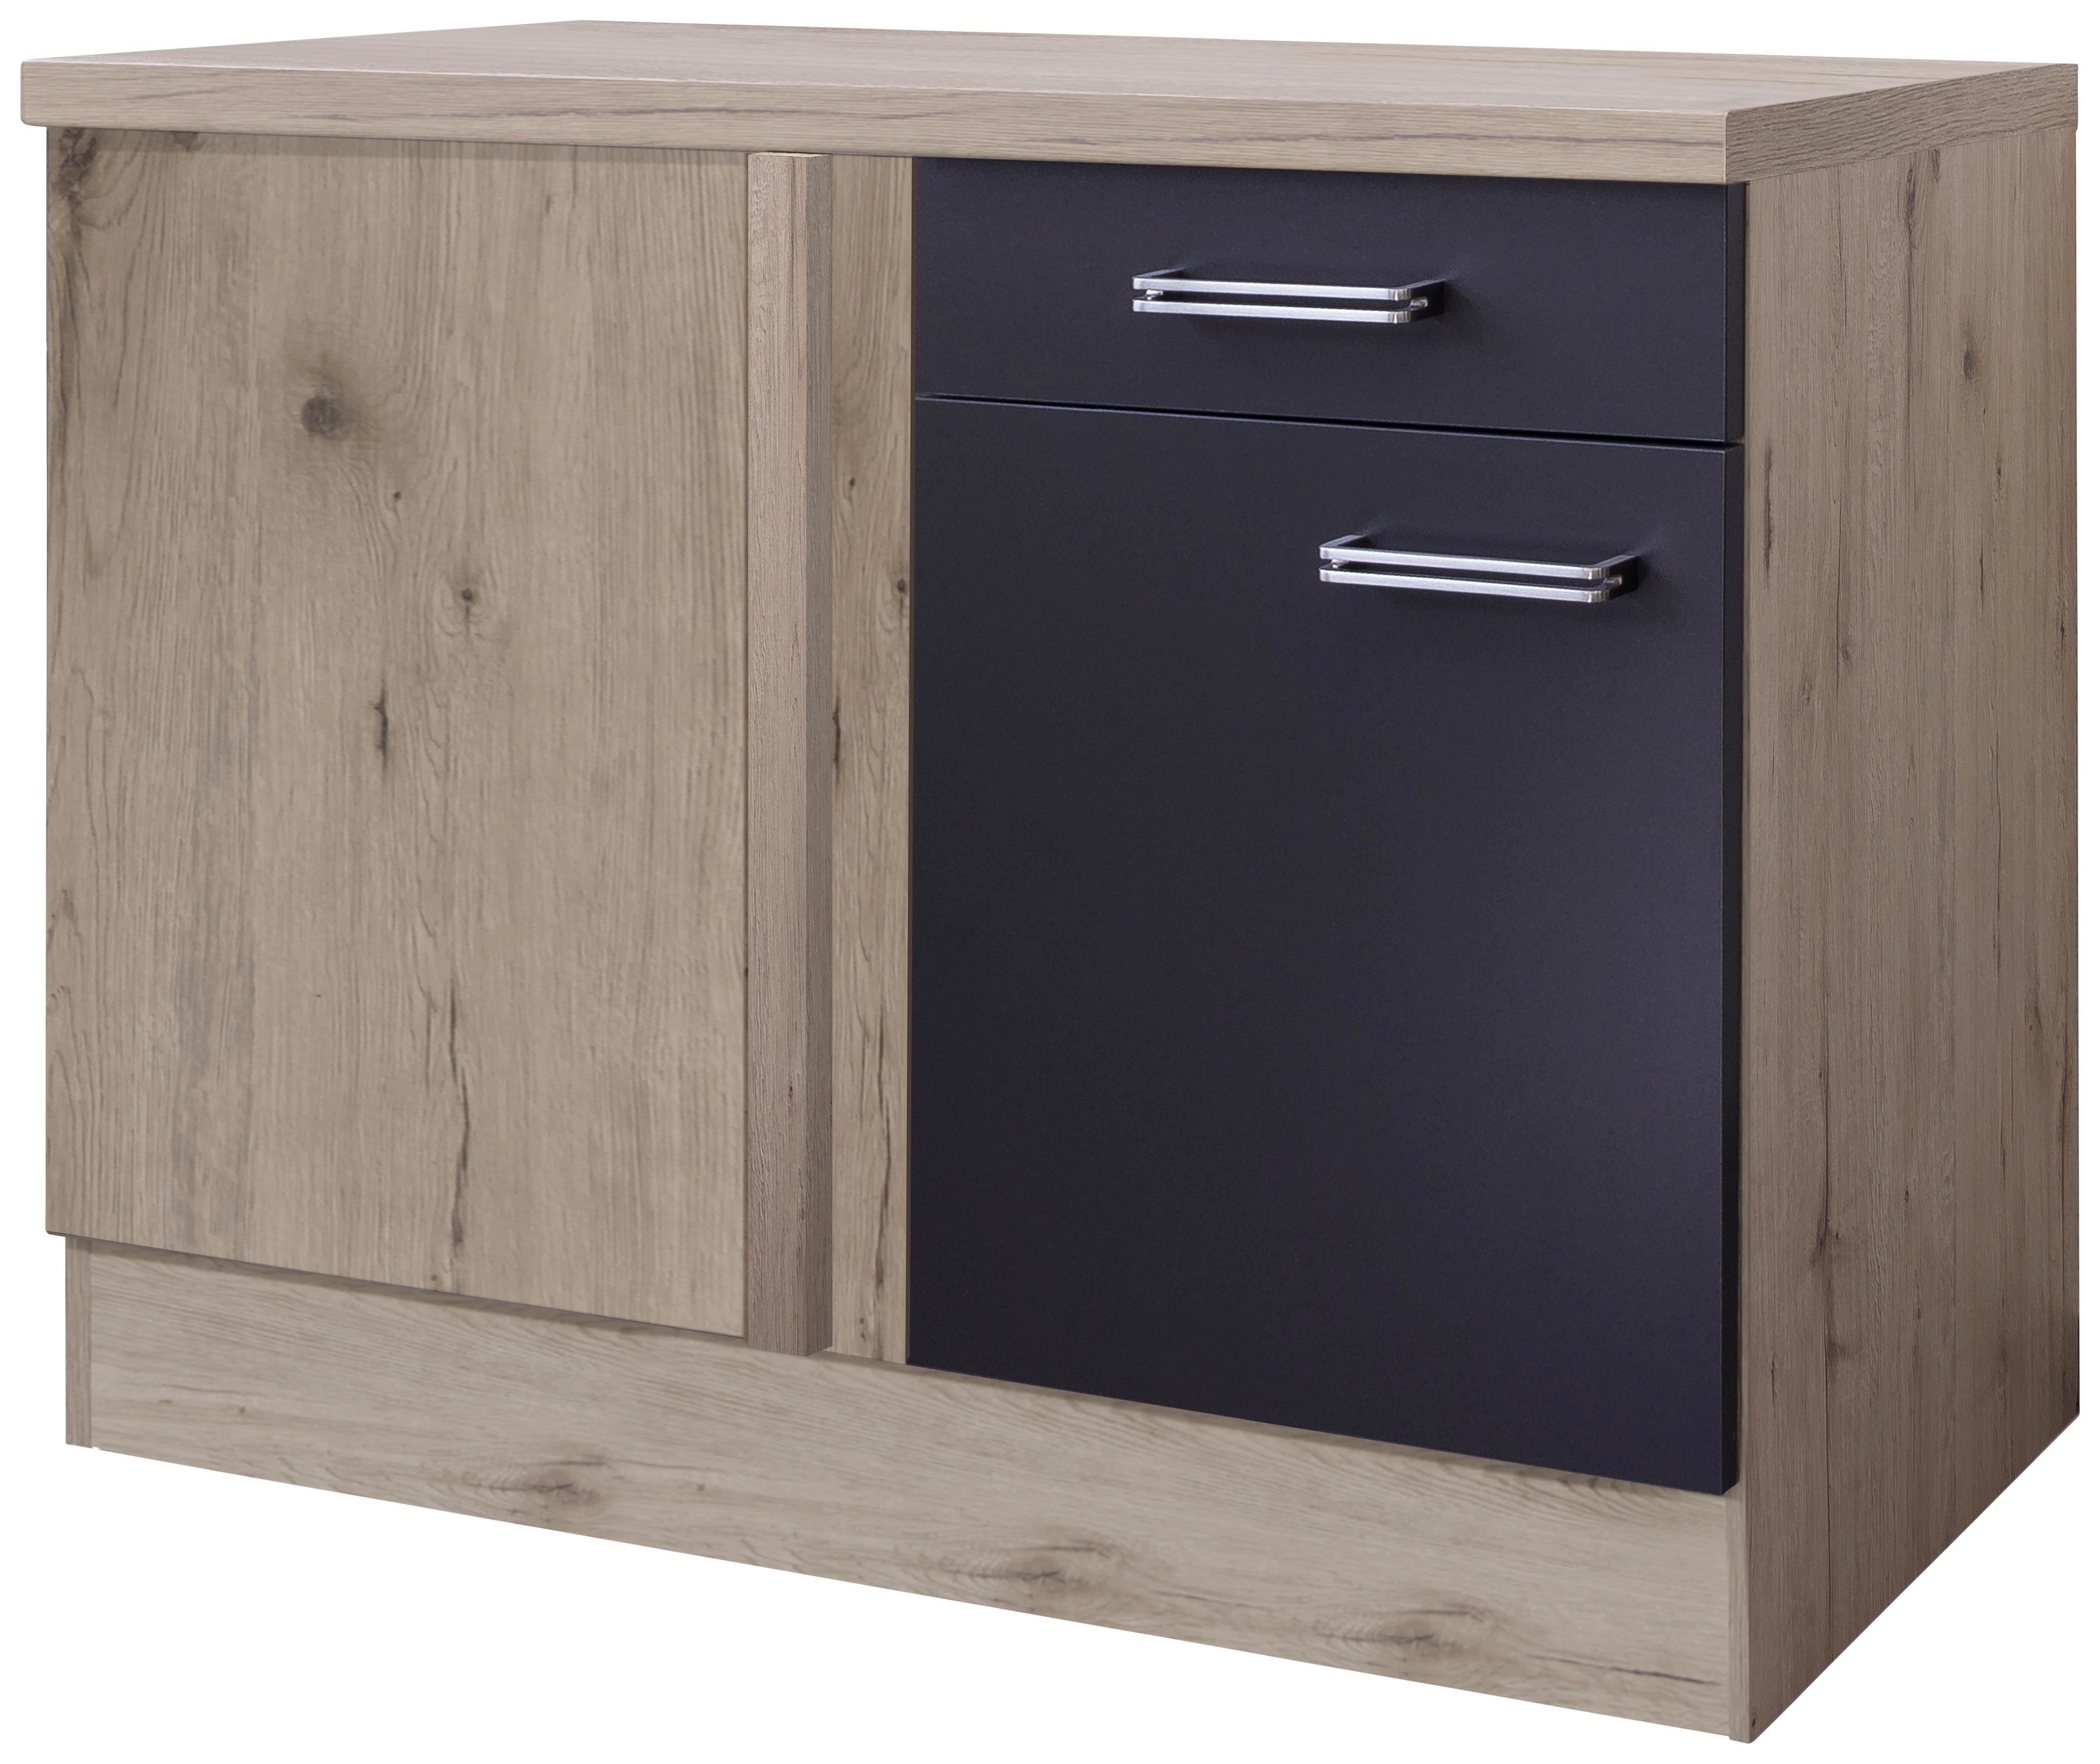 Amazonde Küchenhängeschränke Ikea K?chen H?ngeschrank Montage